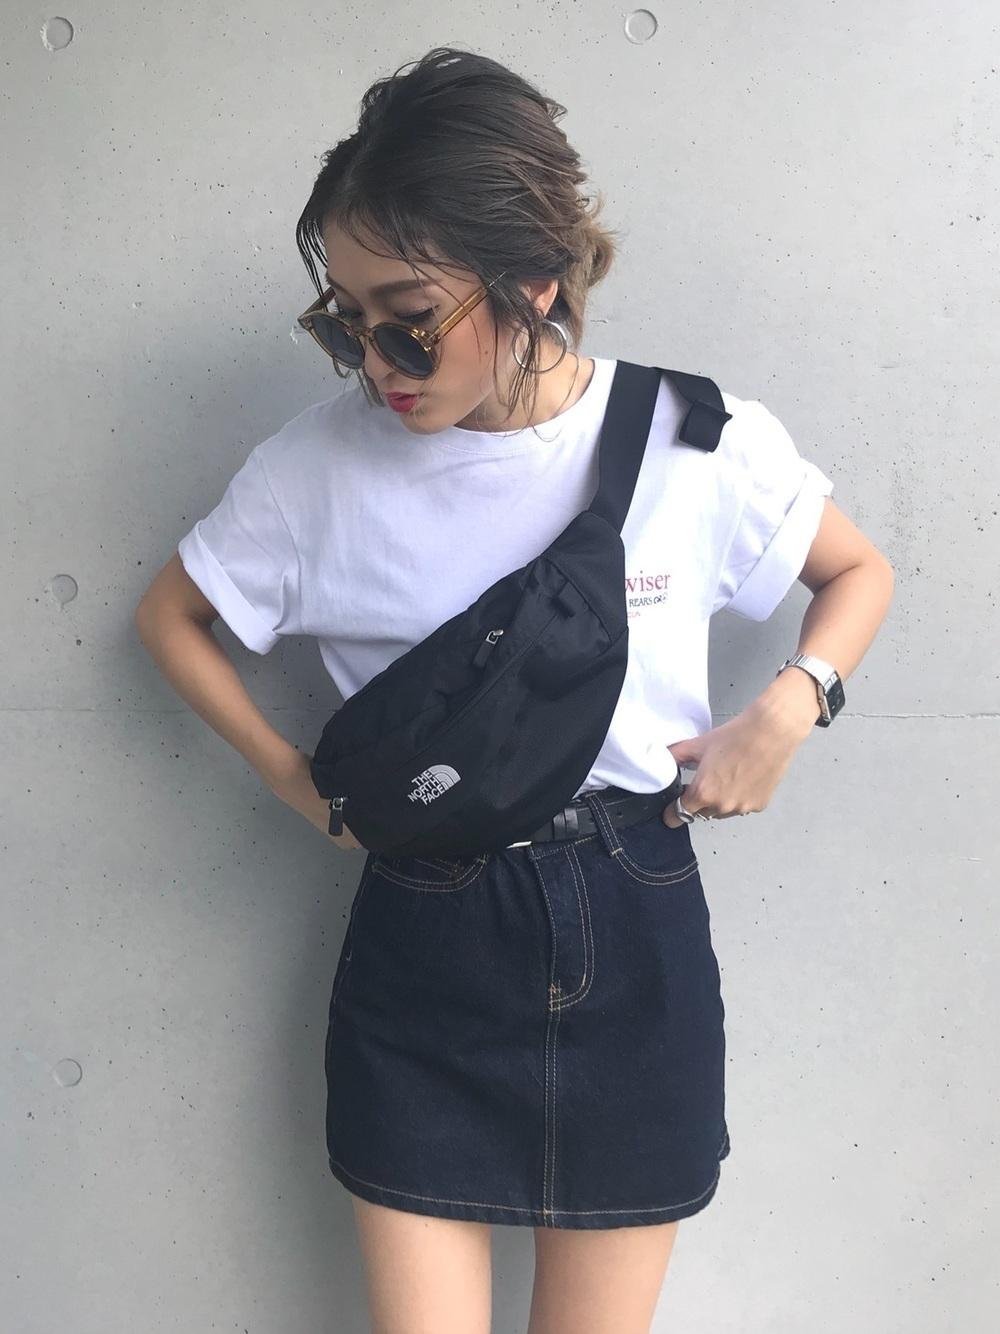 【2019春夏秋冬】Tシャツを着回し!レディースコーデをご紹介の5枚目の画像